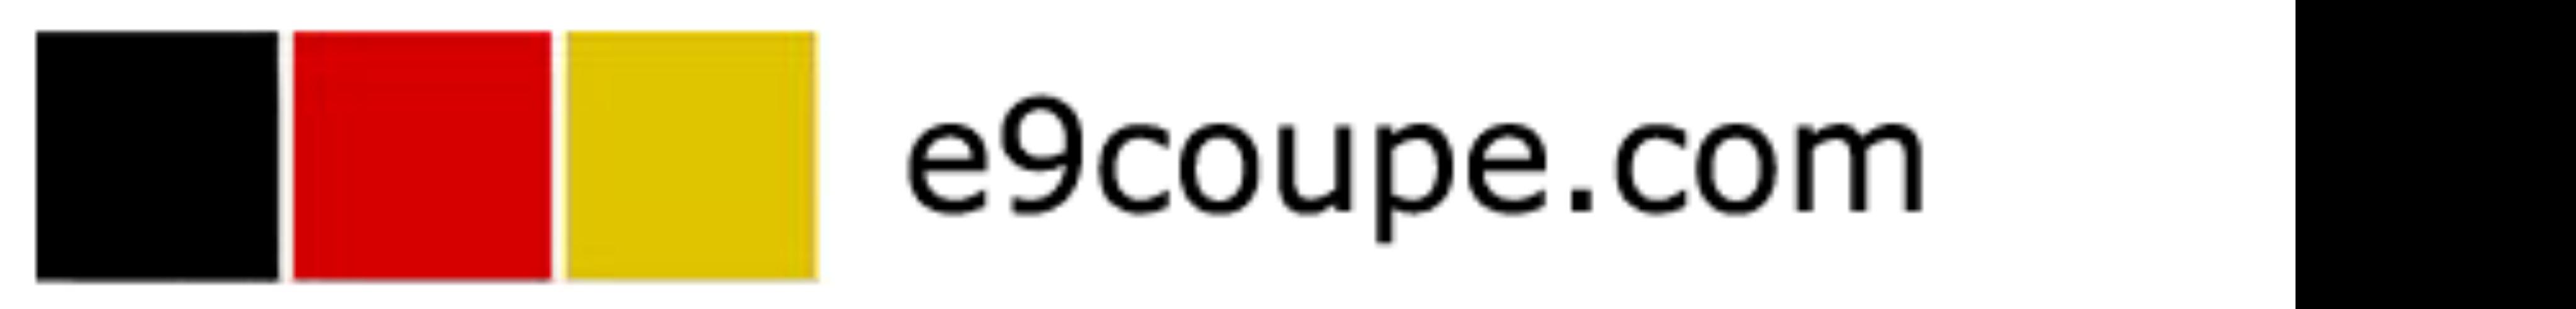 e9coupe.com